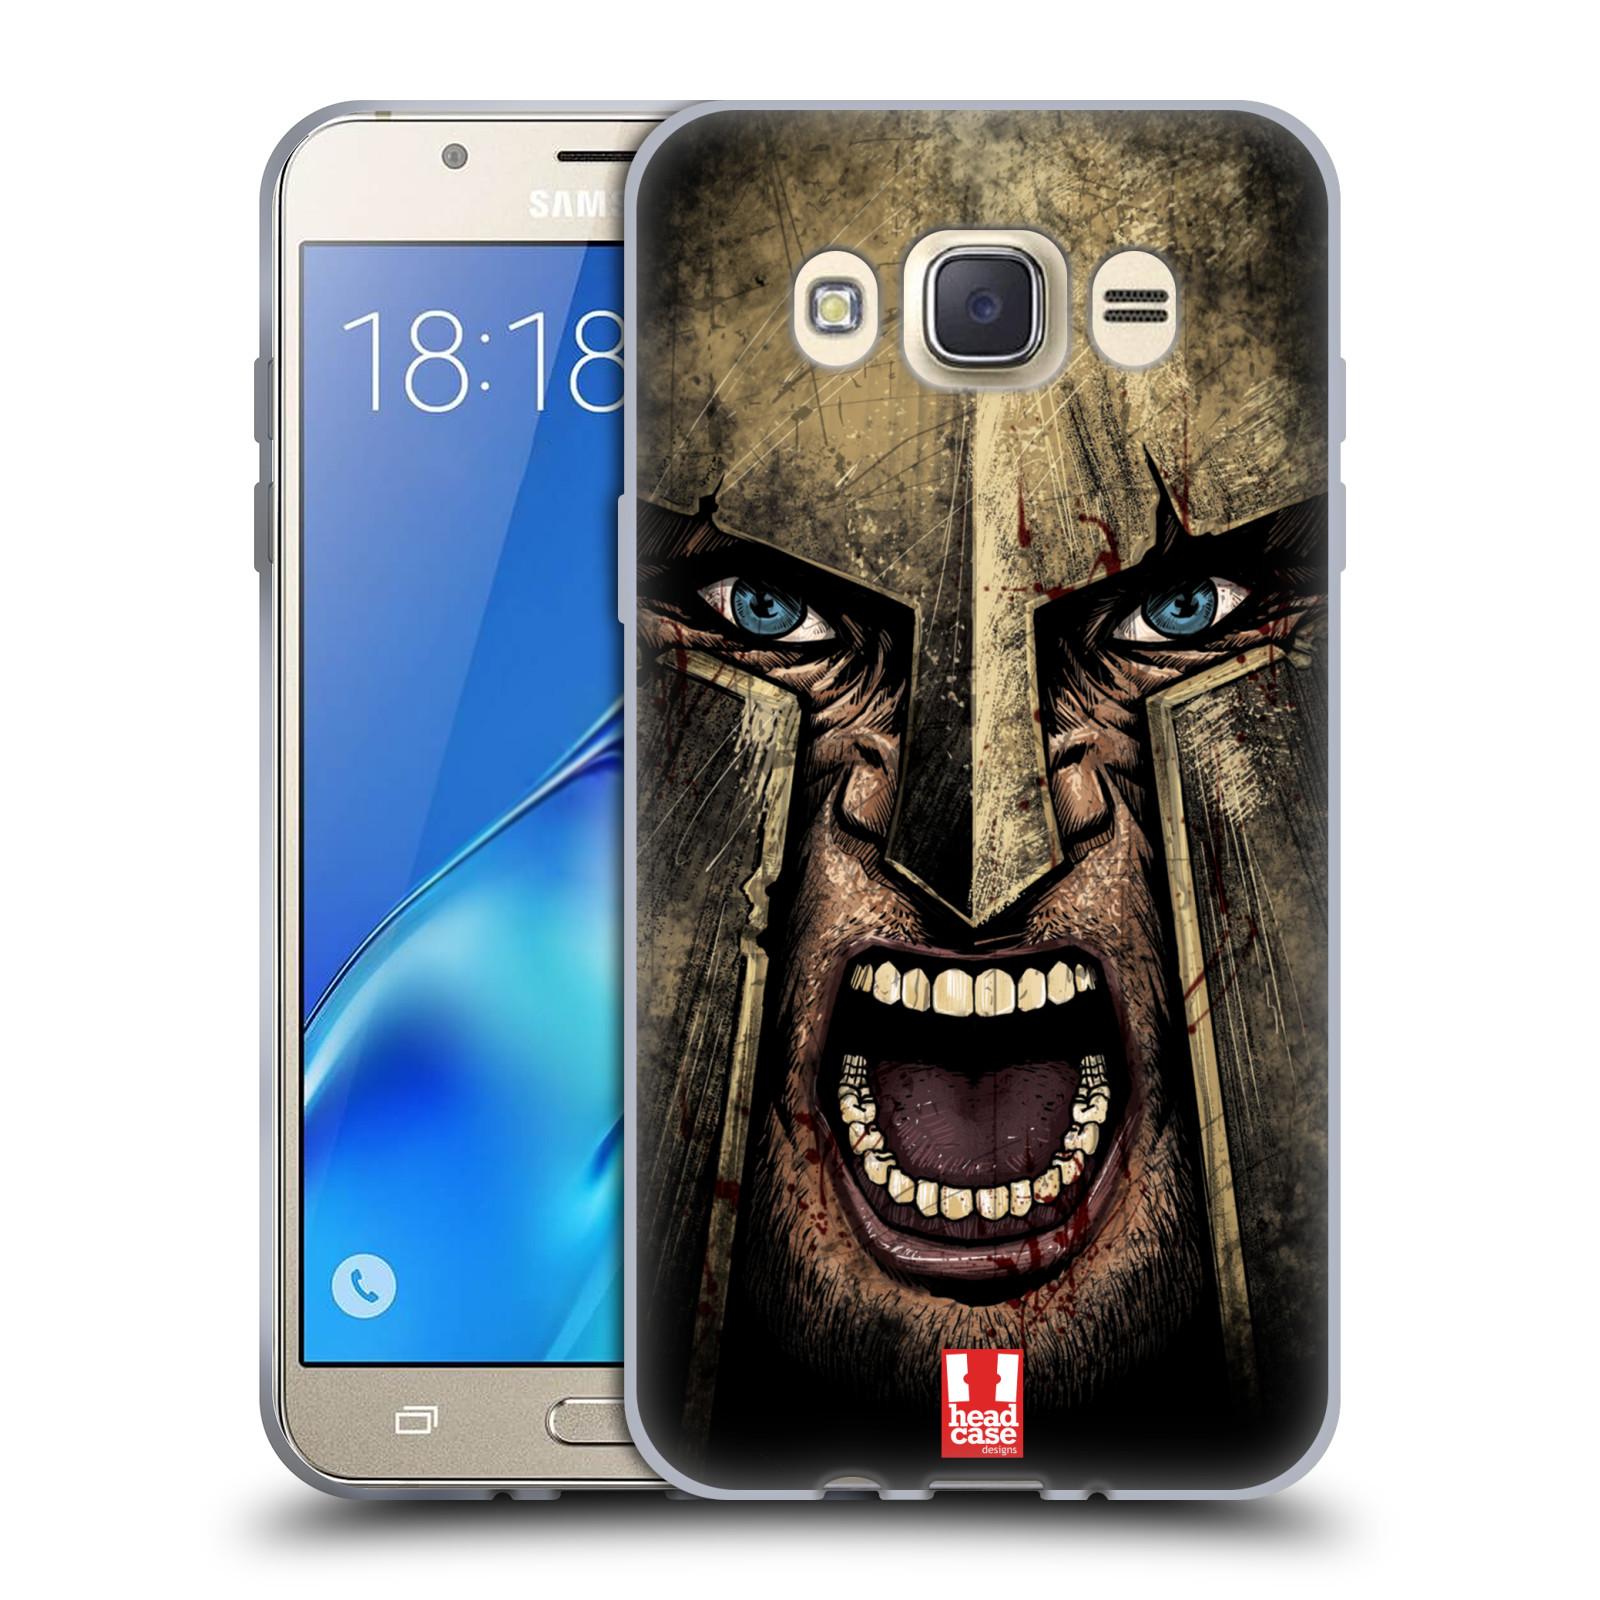 Silikonové pouzdro na mobil Samsung Galaxy J7 (2016) - Head Case - Řvoucí válečník